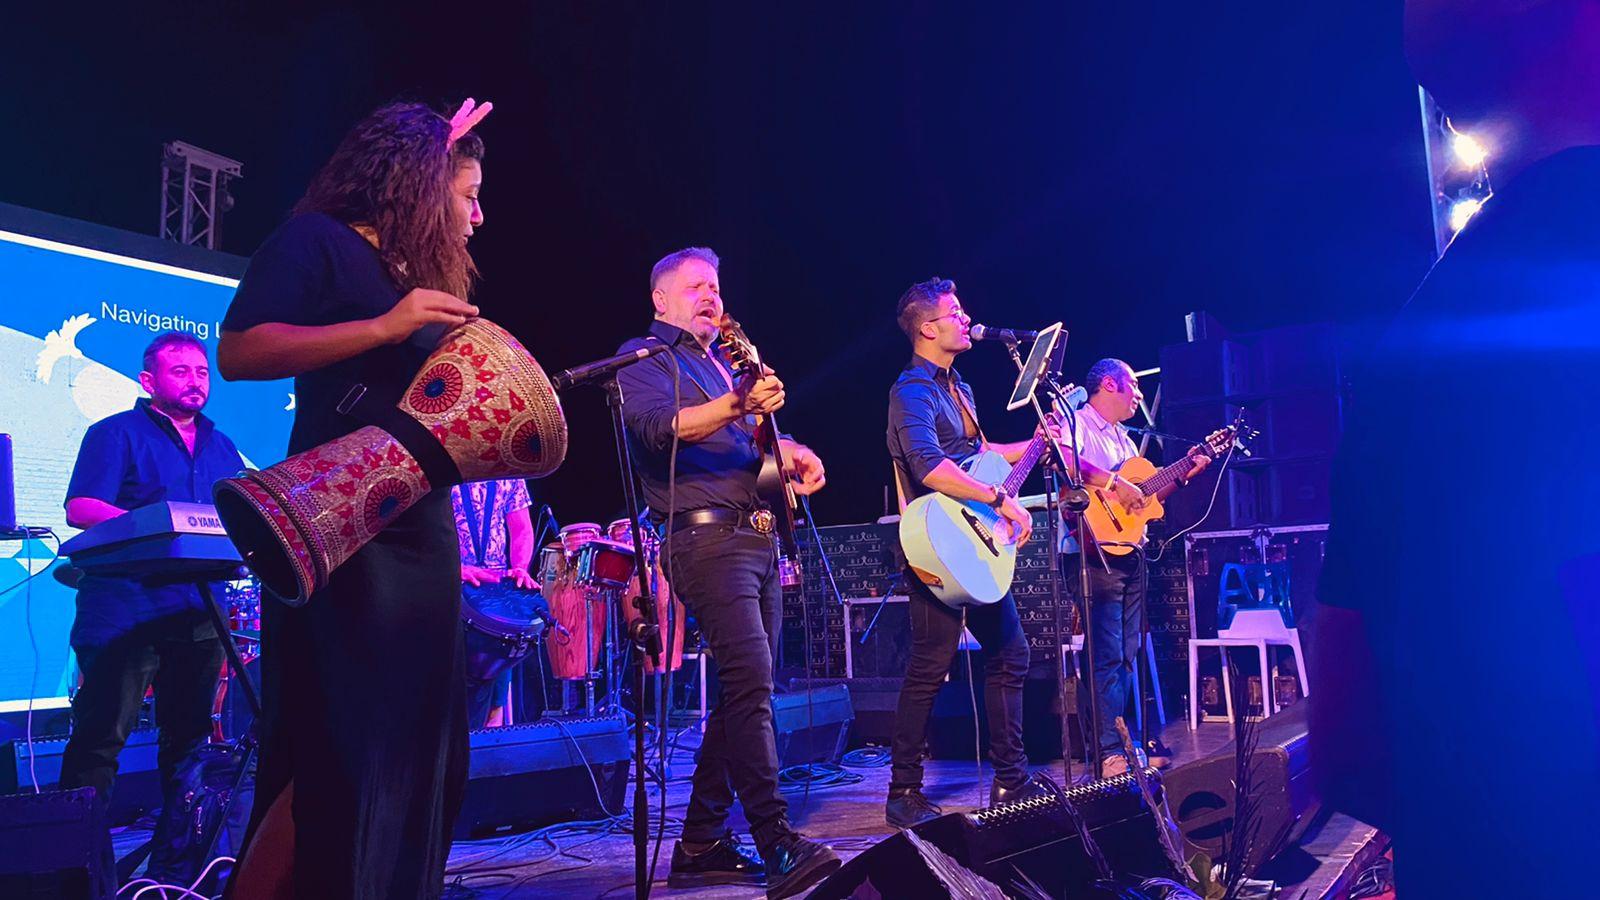 إدوارد وفريقه جيبسي يحيان حفل غنائي في شرم الشيخ (3)